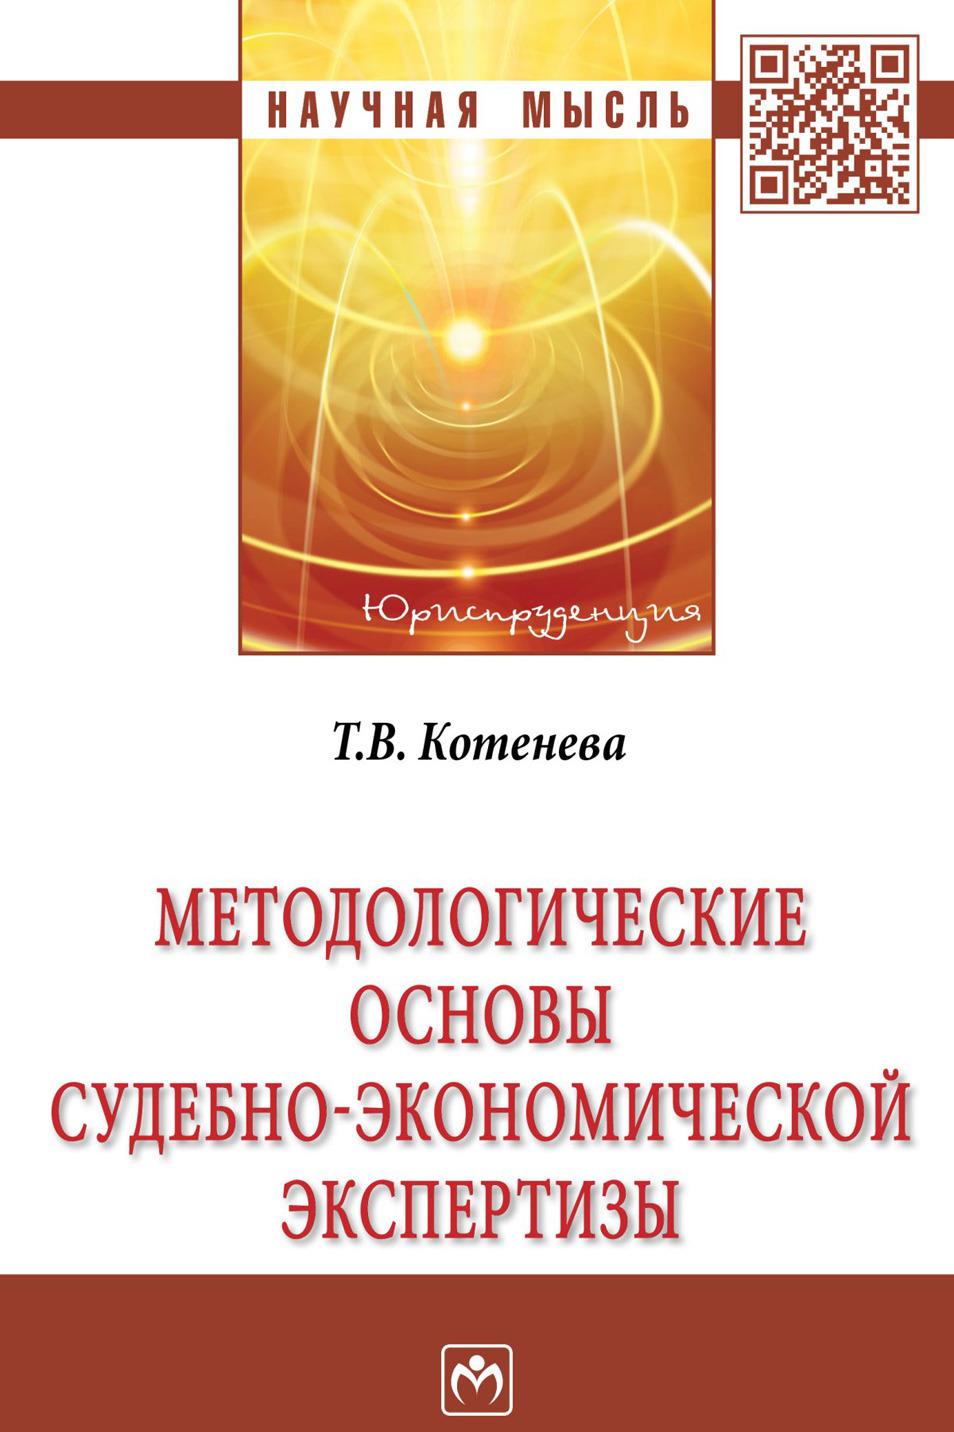 Т. В. Котенева Методологические основы судебно-экономической экспертизы